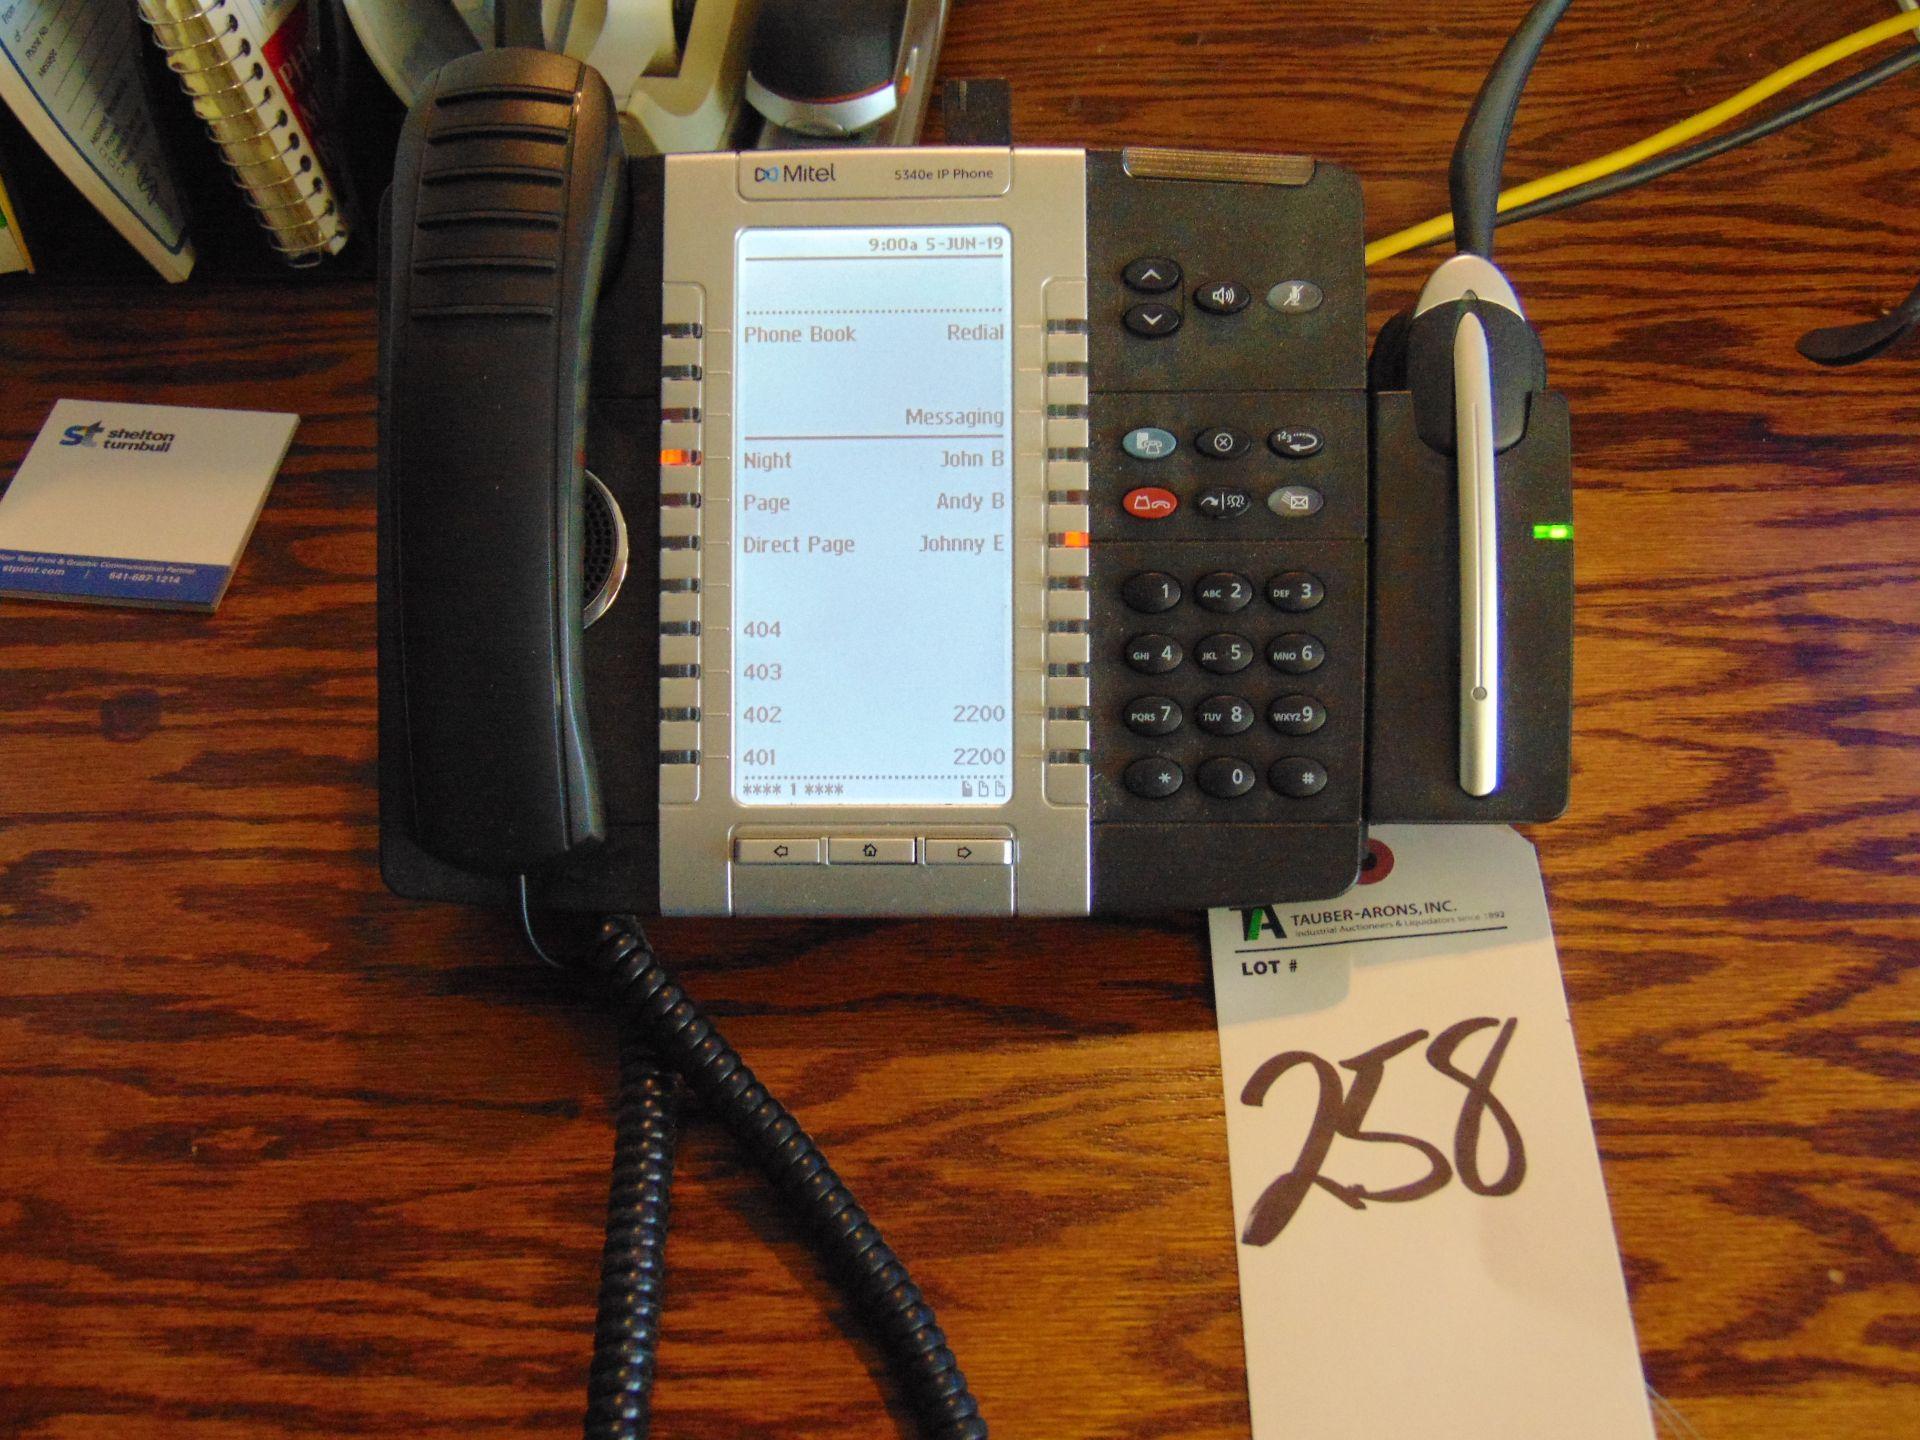 Lot 258 - (Lot) Mitel mod. 5330e IP Phone System